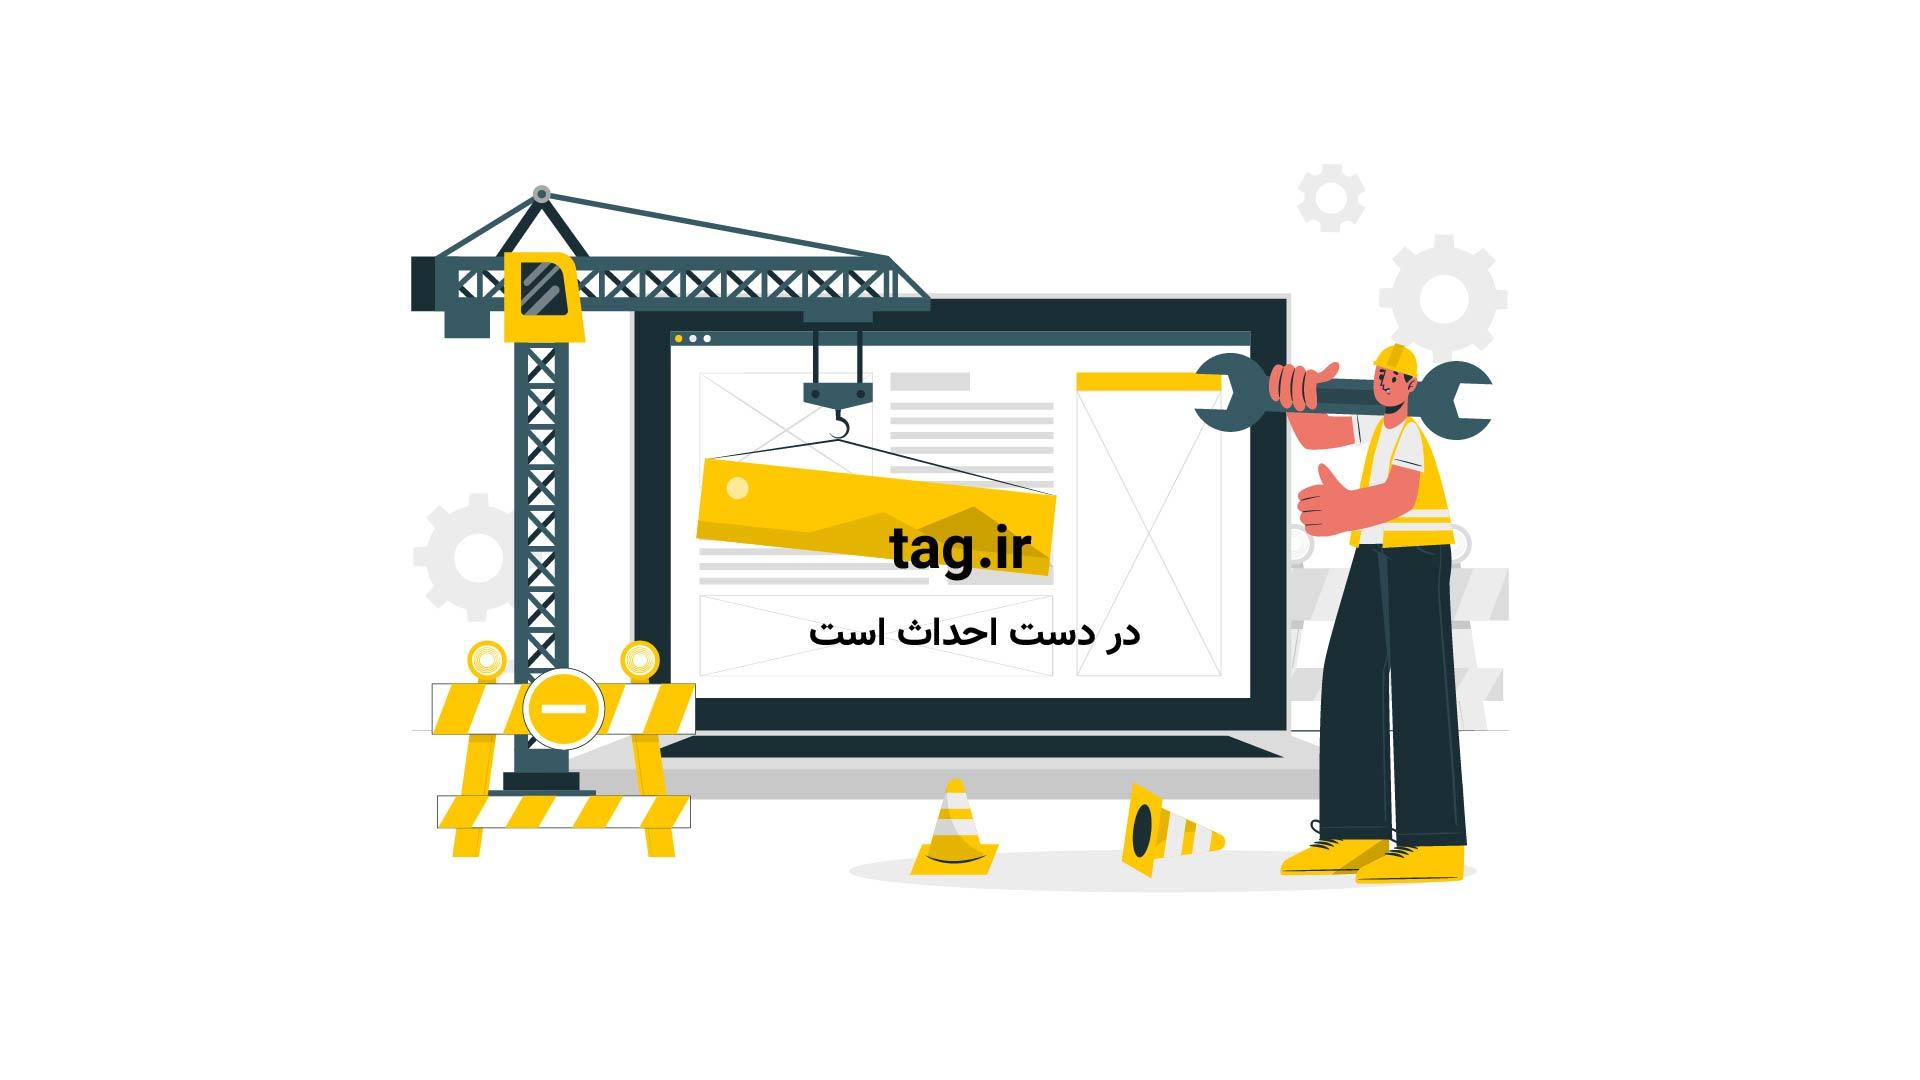 تصاویر دوربین مداربسته از کشته شدن سارق مسلح مغازه موبایل فروشی | فیلم